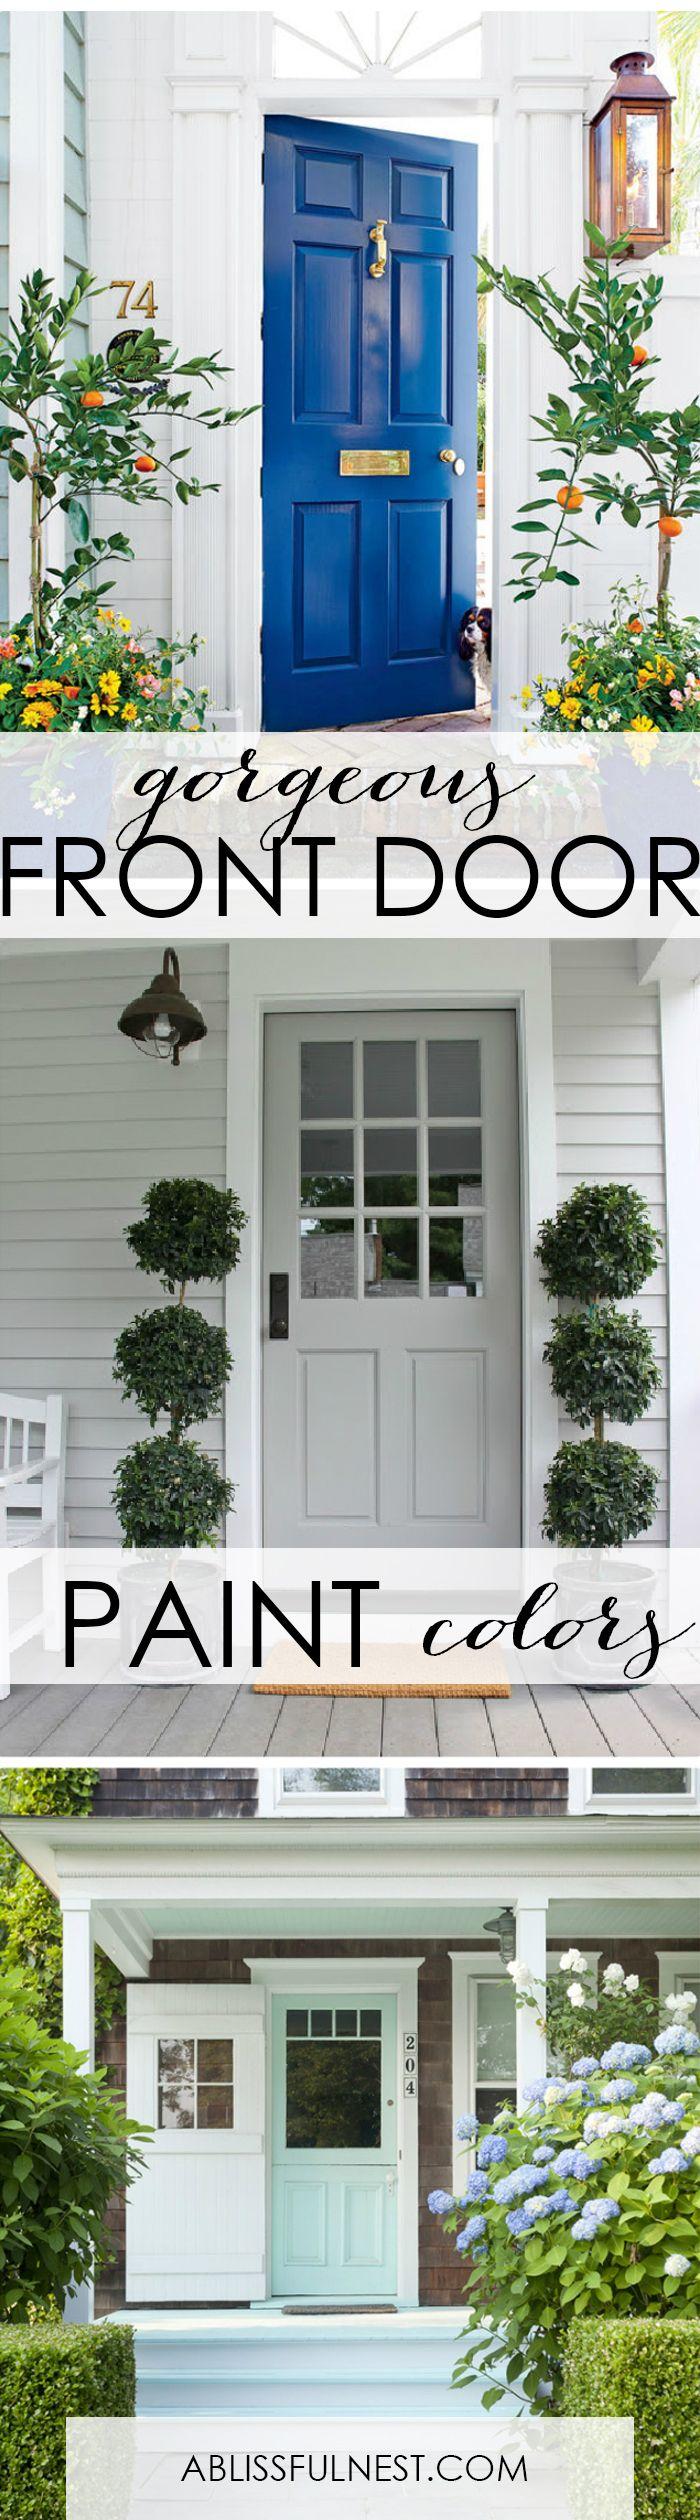 Best Front Door Paint Colors best 25+ front door painting ideas on pinterest | front door paint